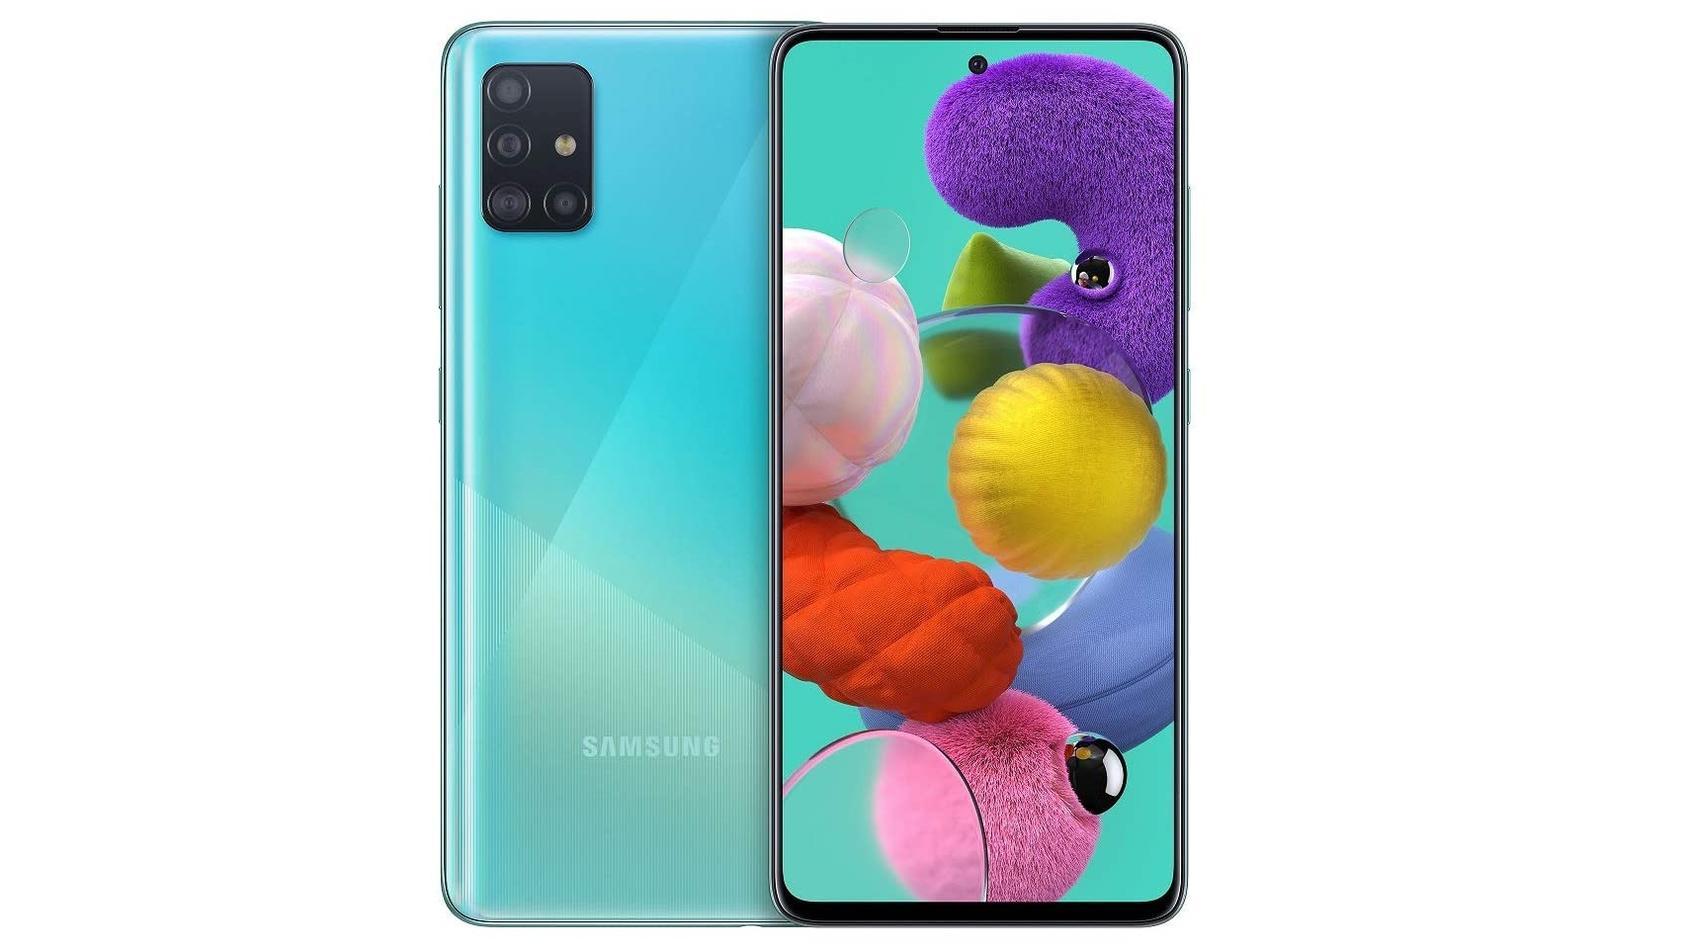 Das Samsung Galaxy A51 ist das meistverkaufte Smartphone der Welt.